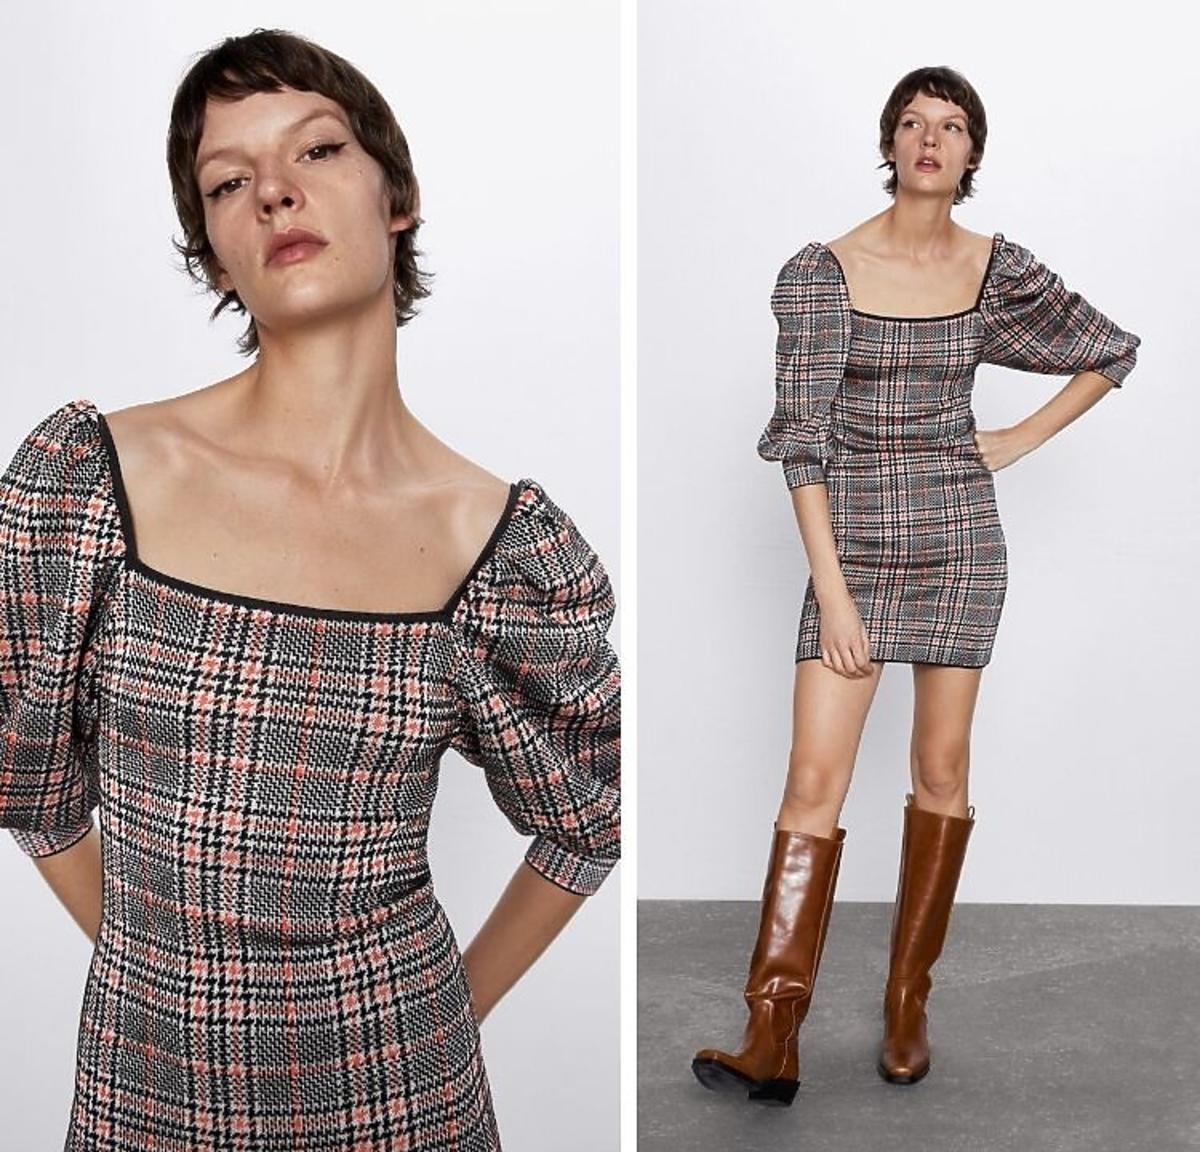 sukienka w kratkęz bufkami Zara